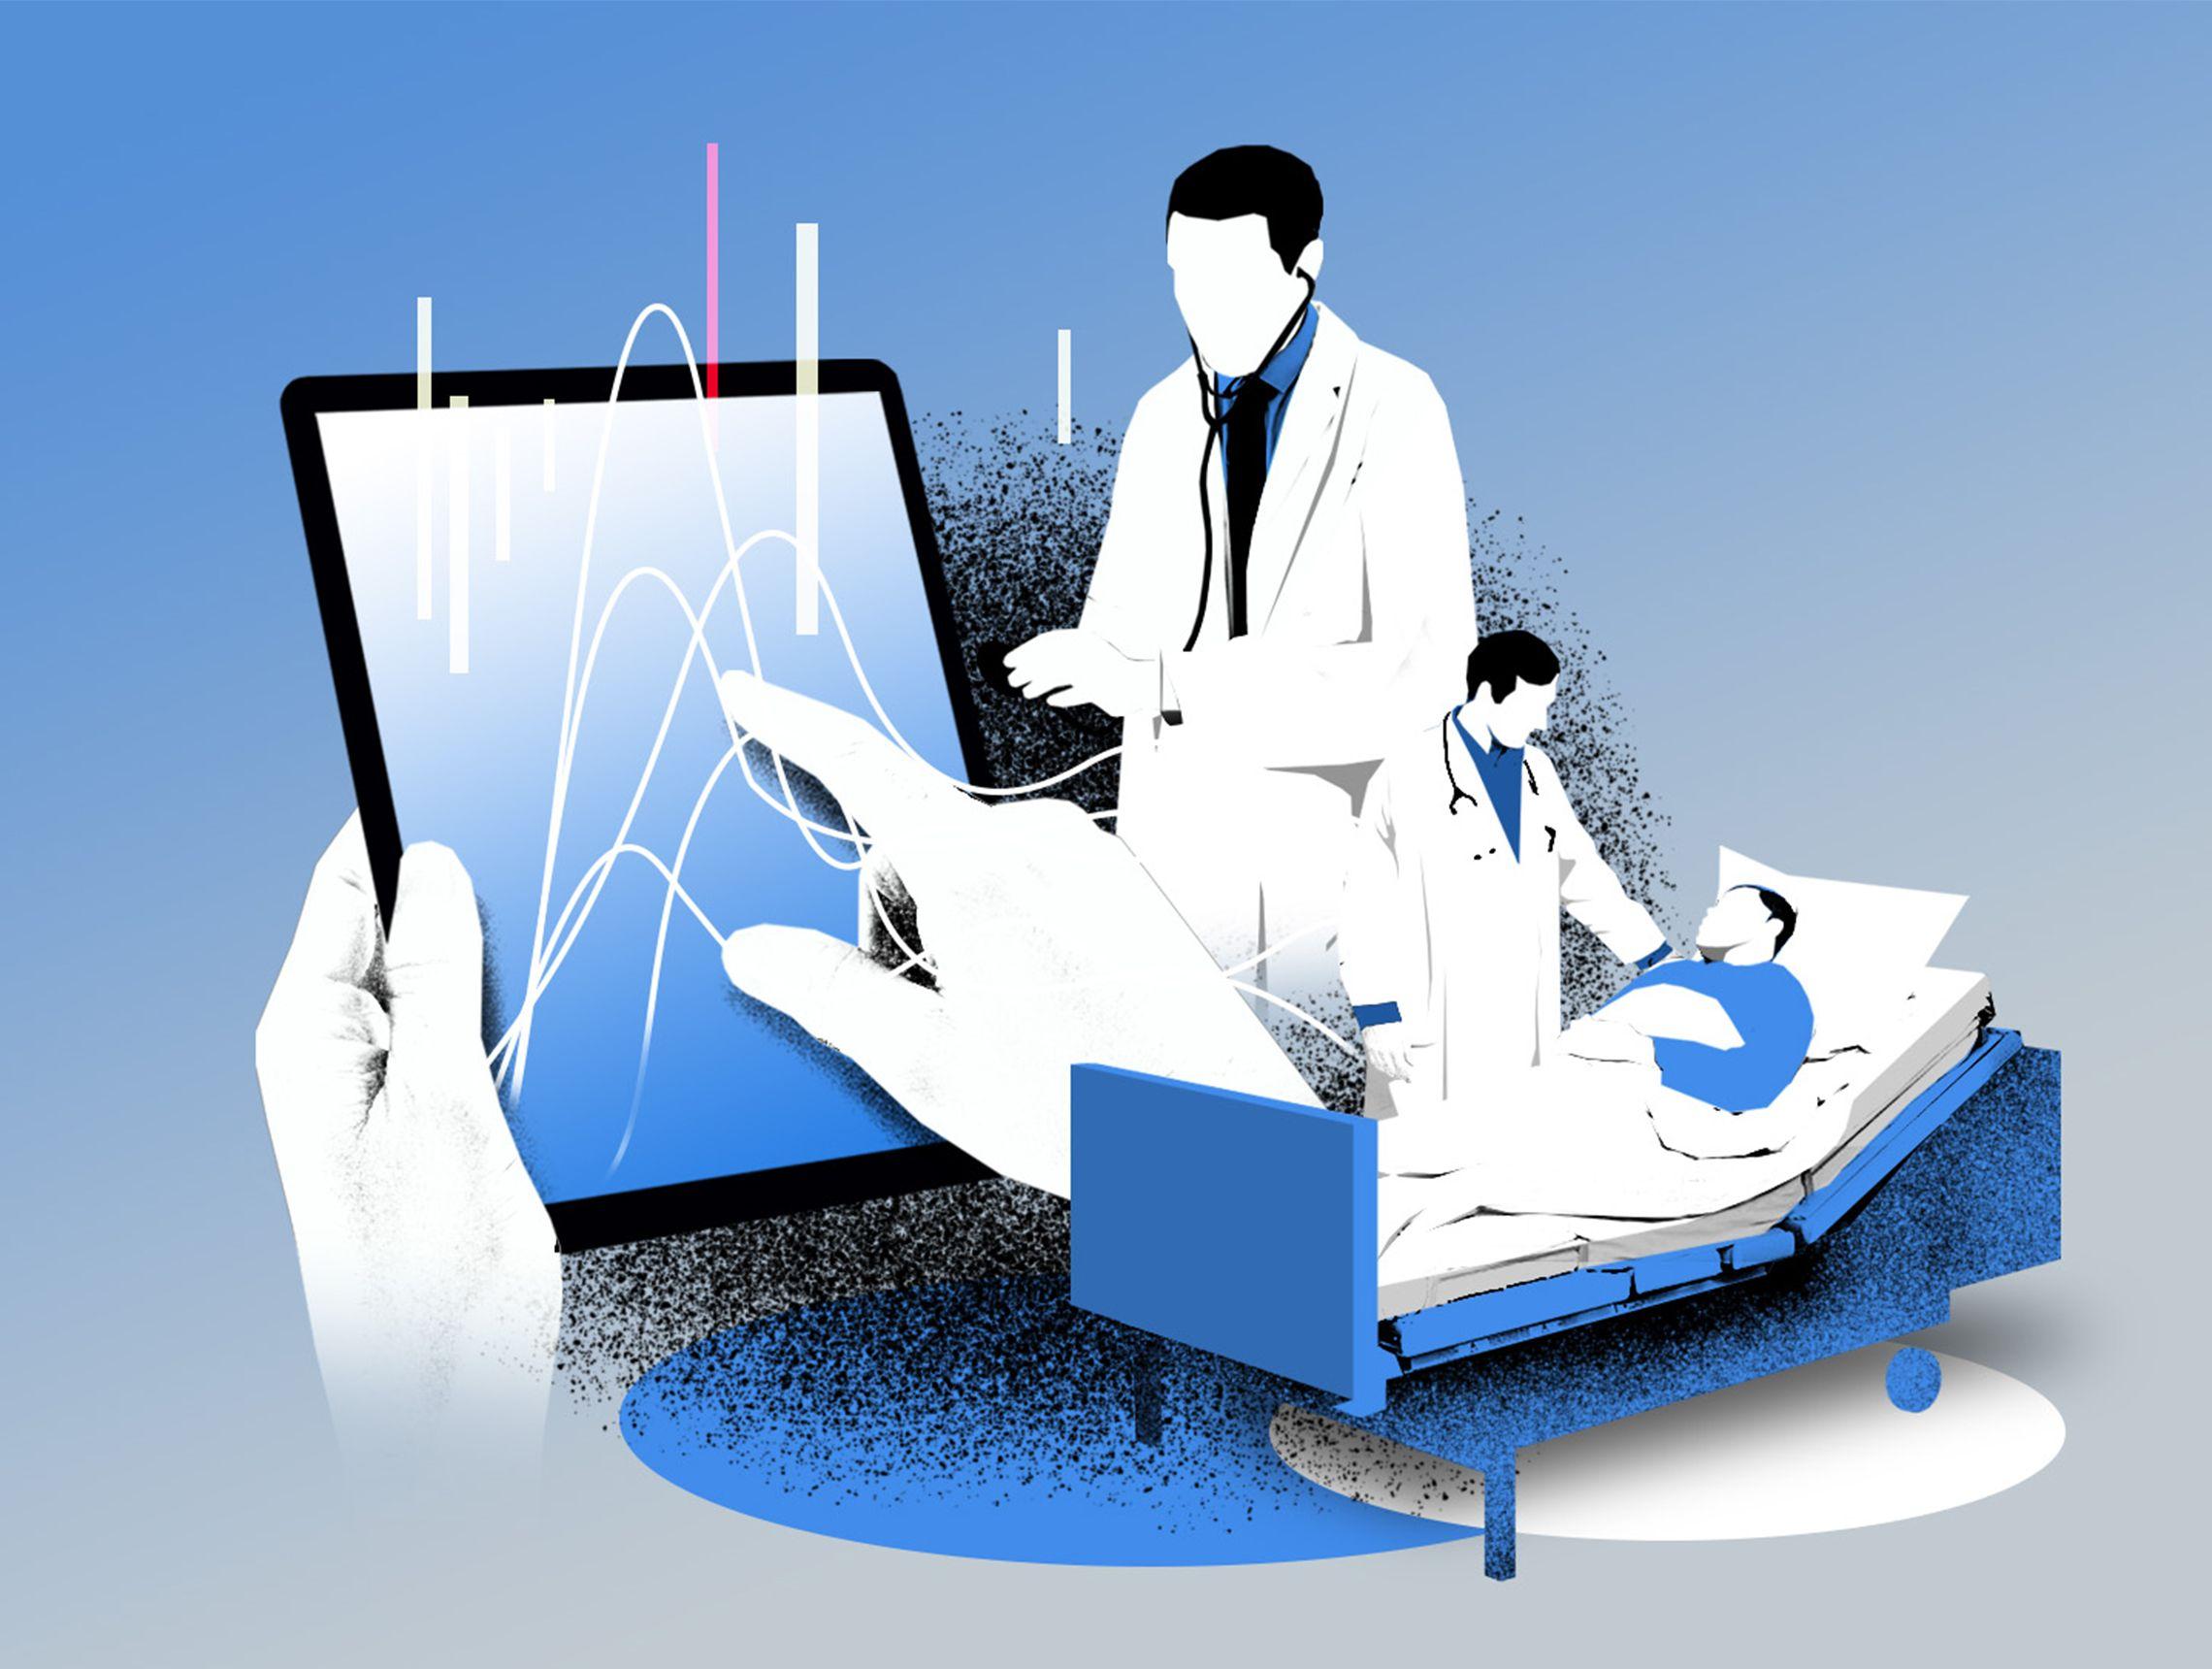 Aerzte mit Patient im Bett und Haende halten Tablet